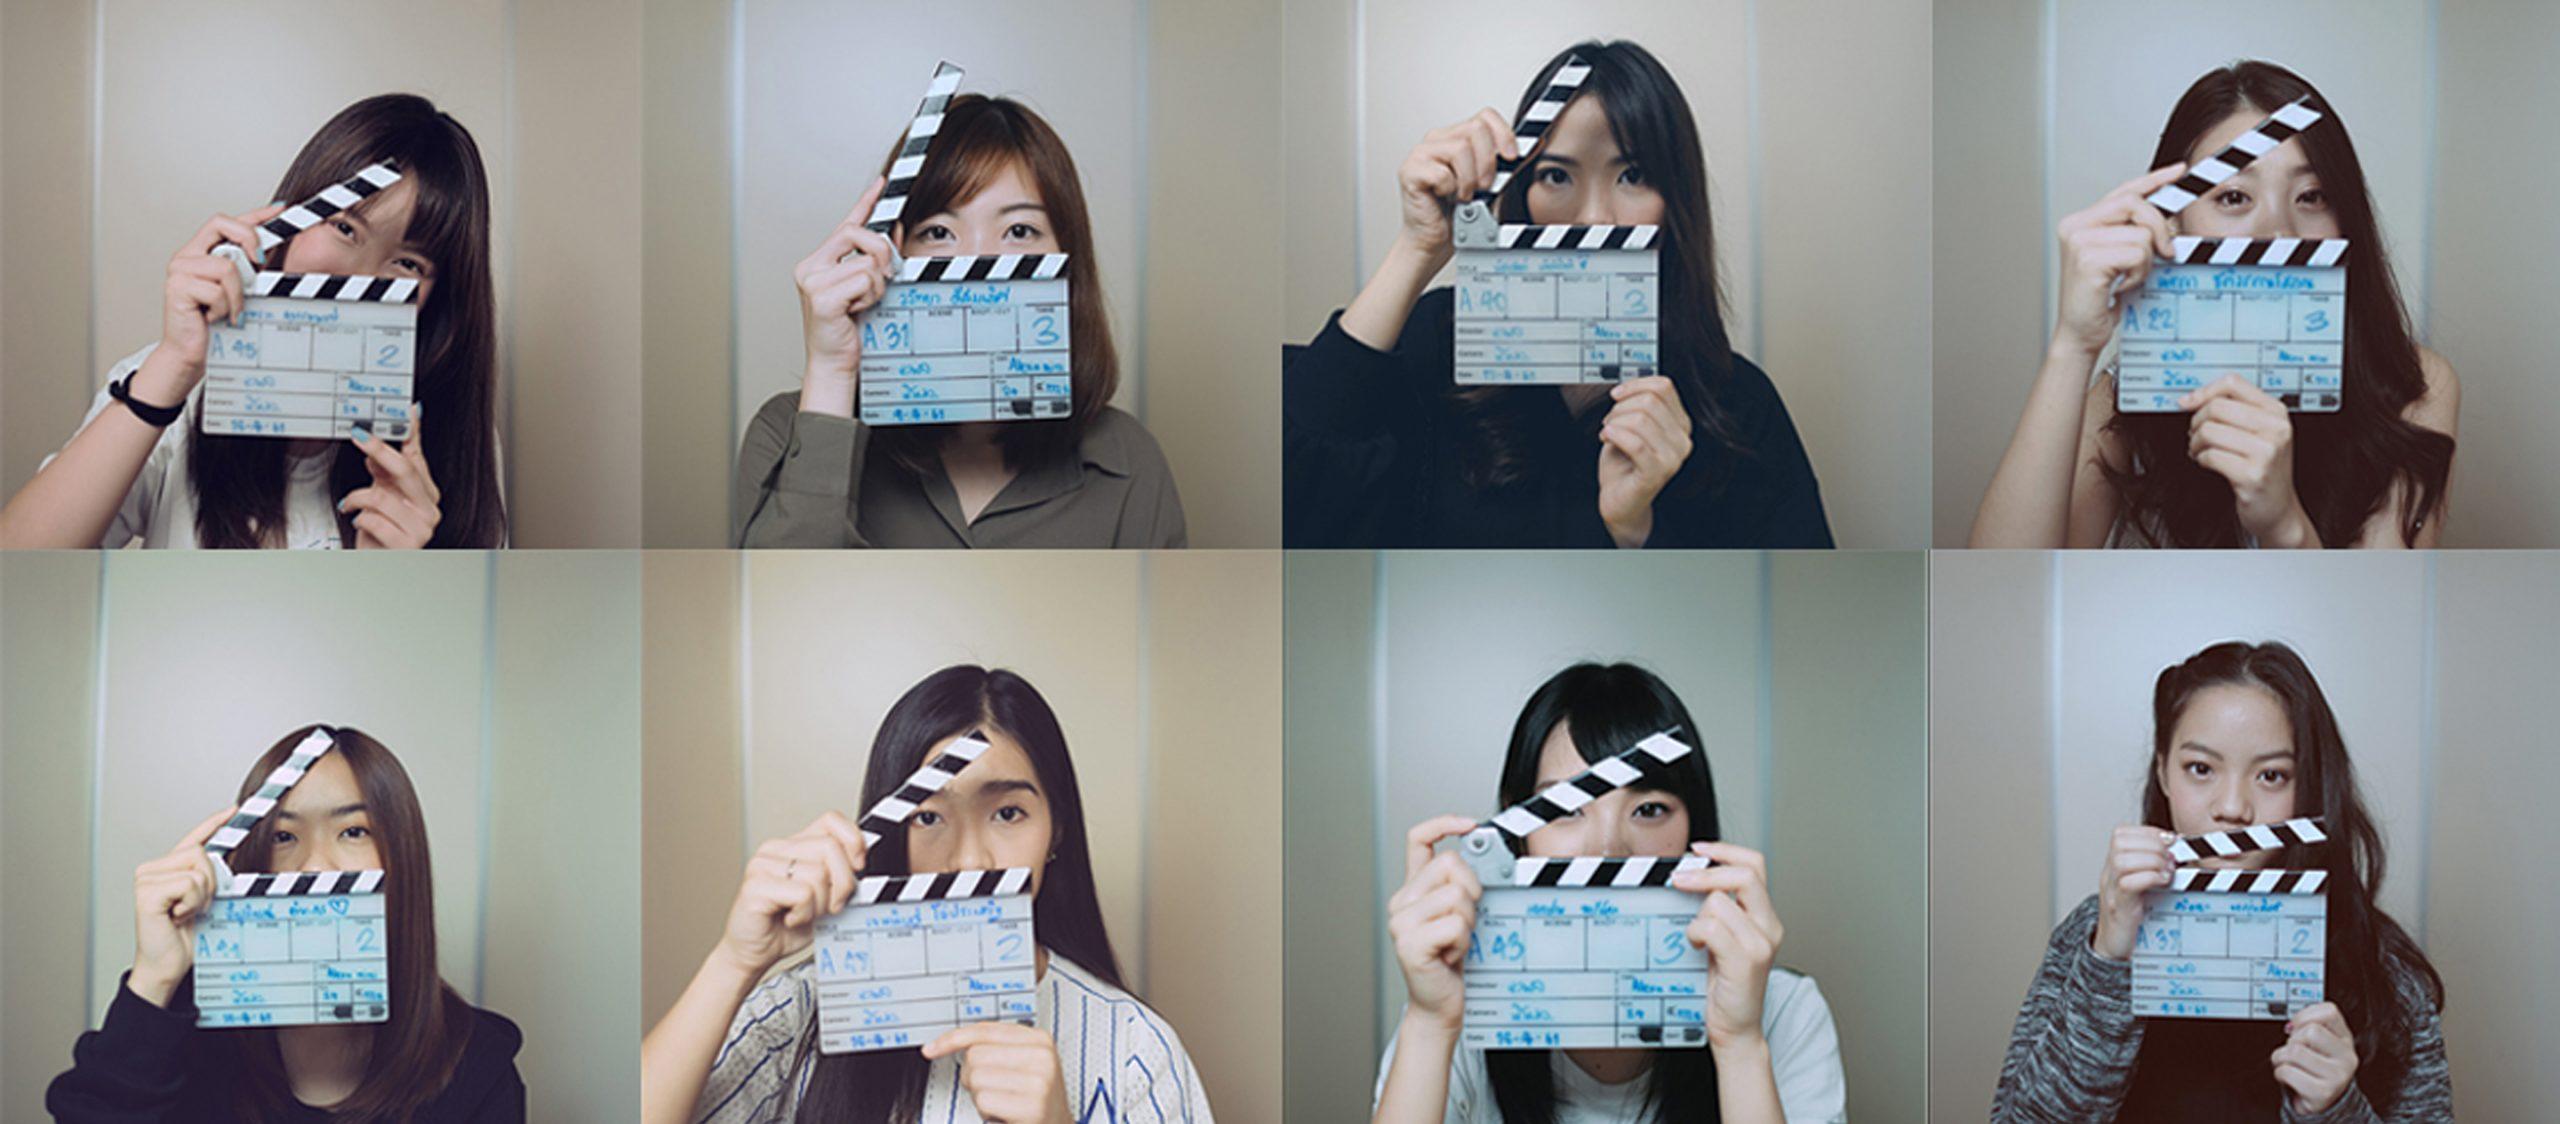 BNK48 : GIRLS DON'T CRY—เบื้องหน้าสีชมพู กับน้ำตาที่น้อยคนจะรู้ว่าสีเทา